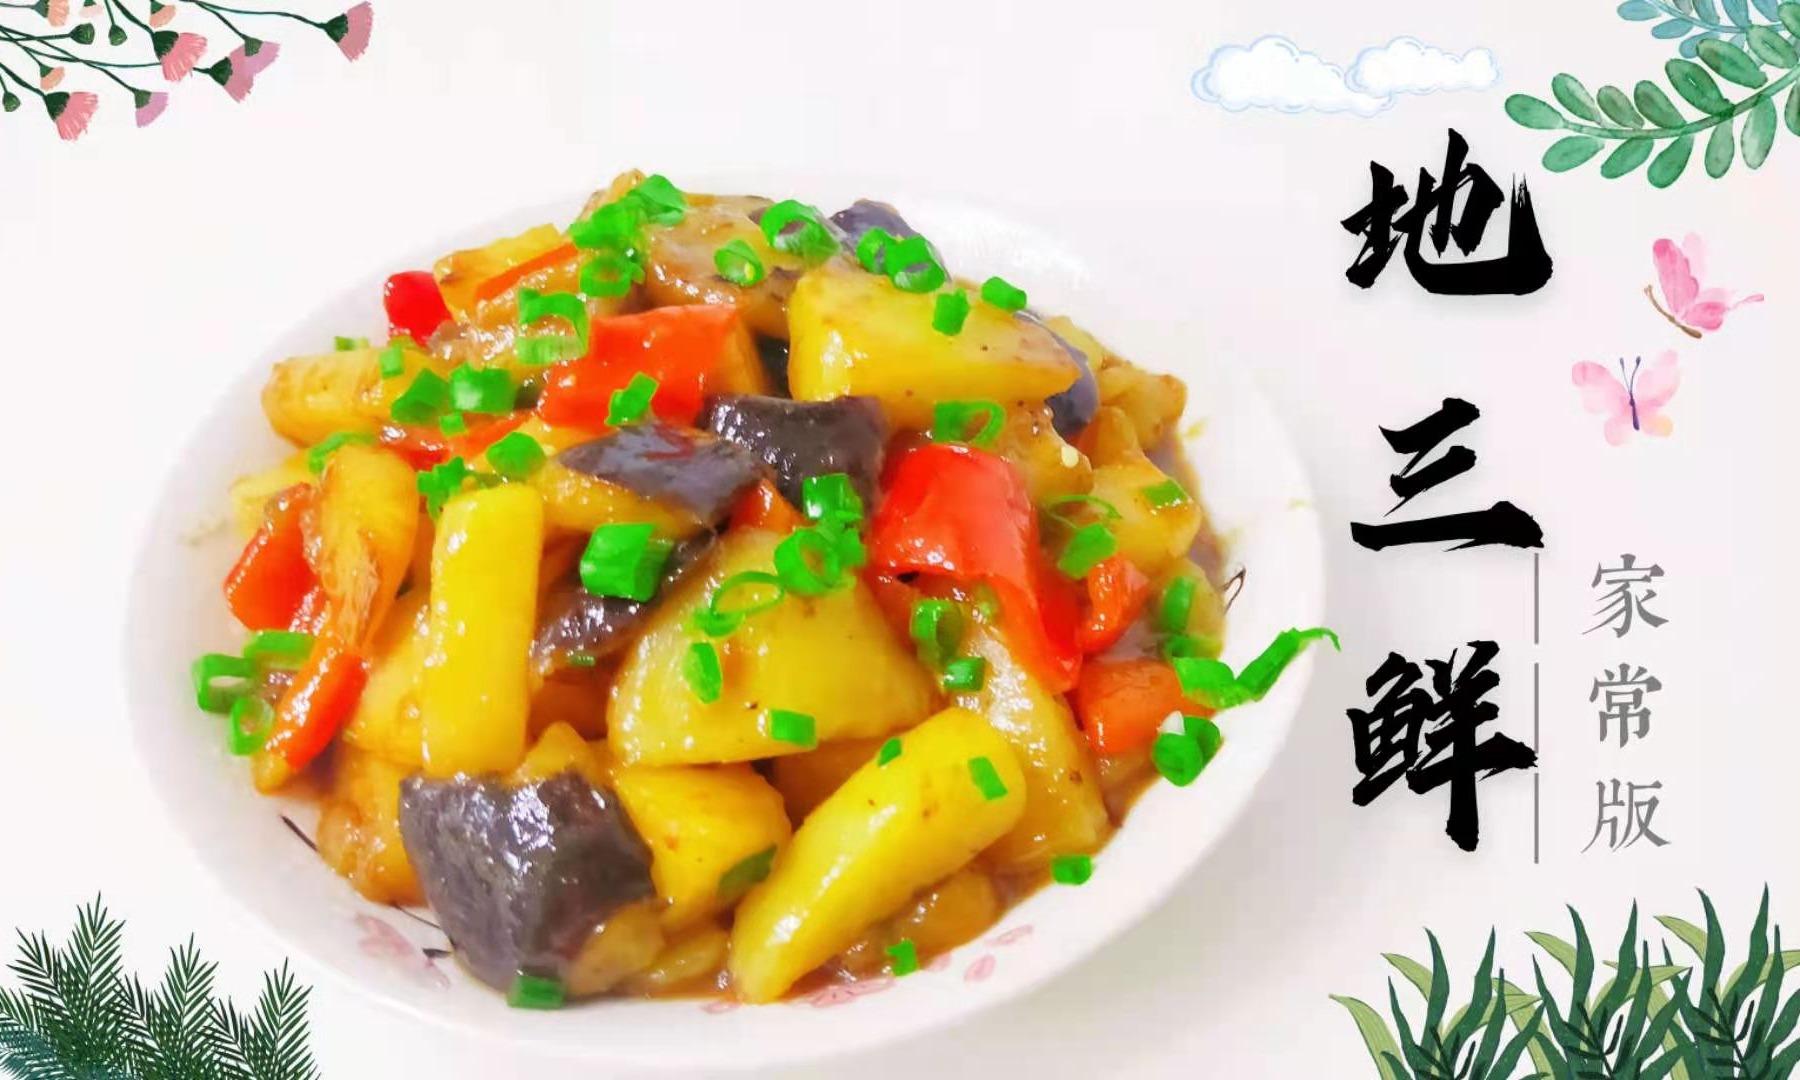 解锁东北地三鲜家常做法,口感鲜香超下饭,菜品美观味俱全